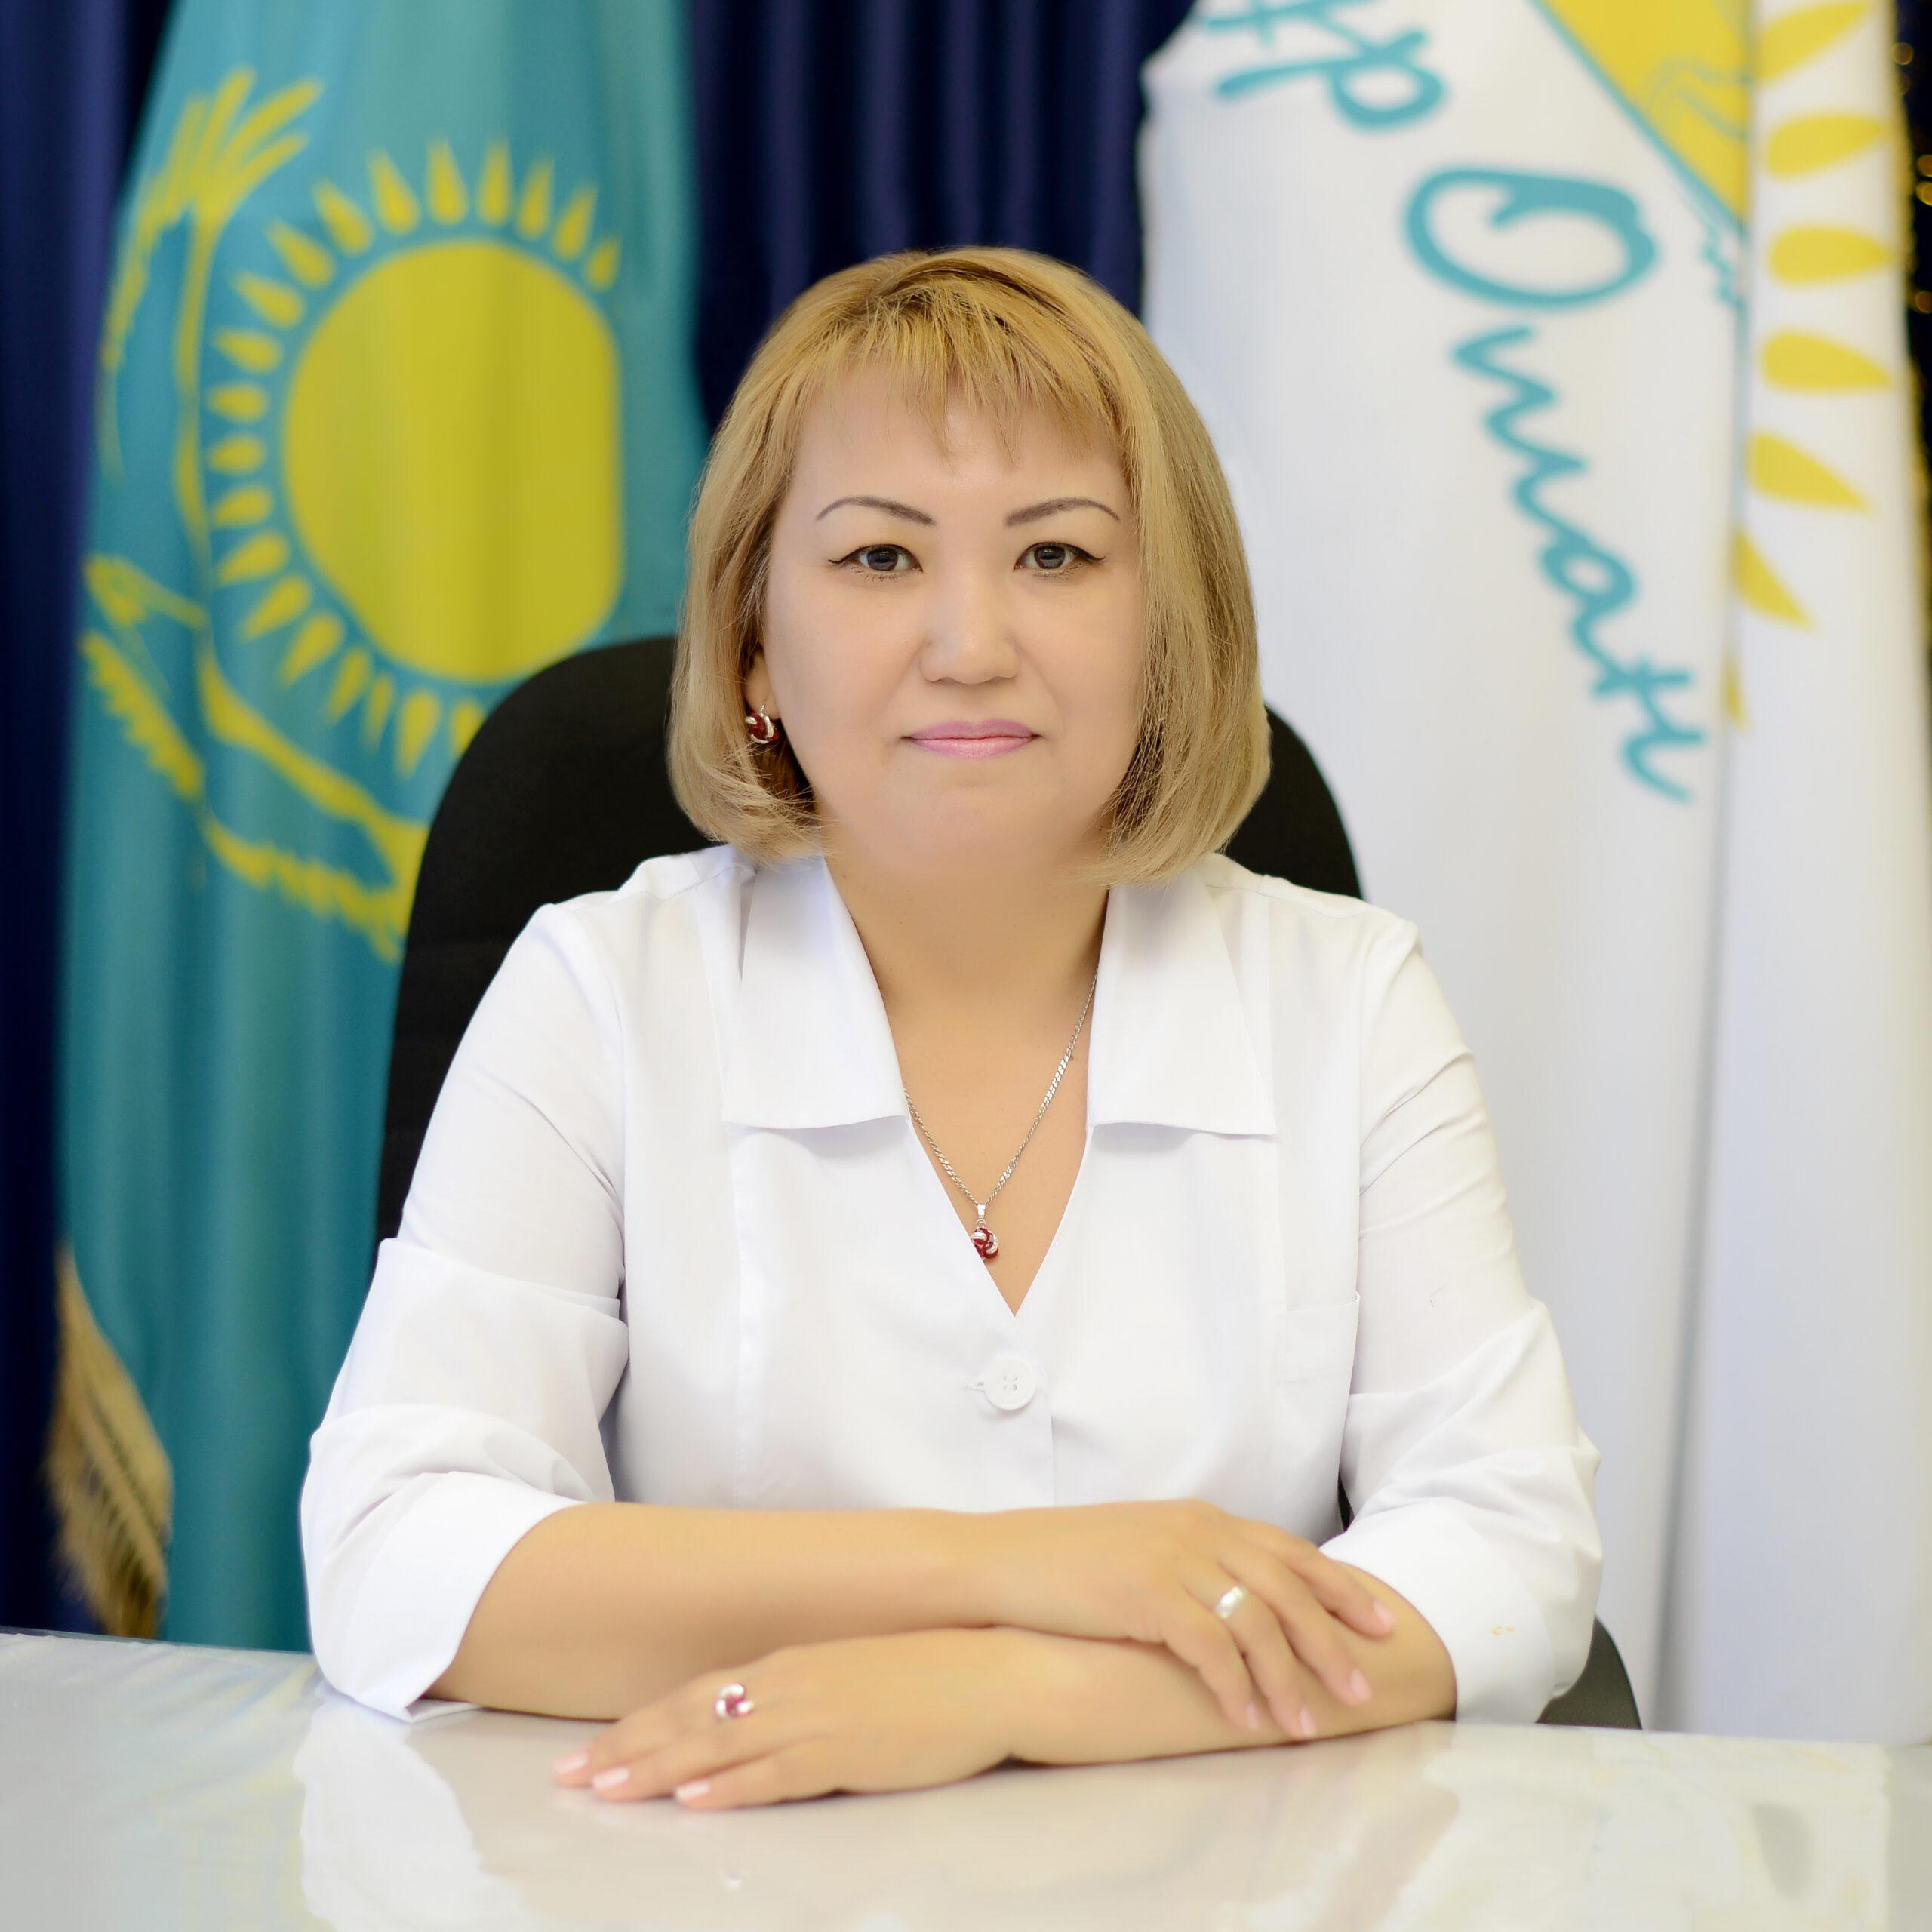 SUZ_4100